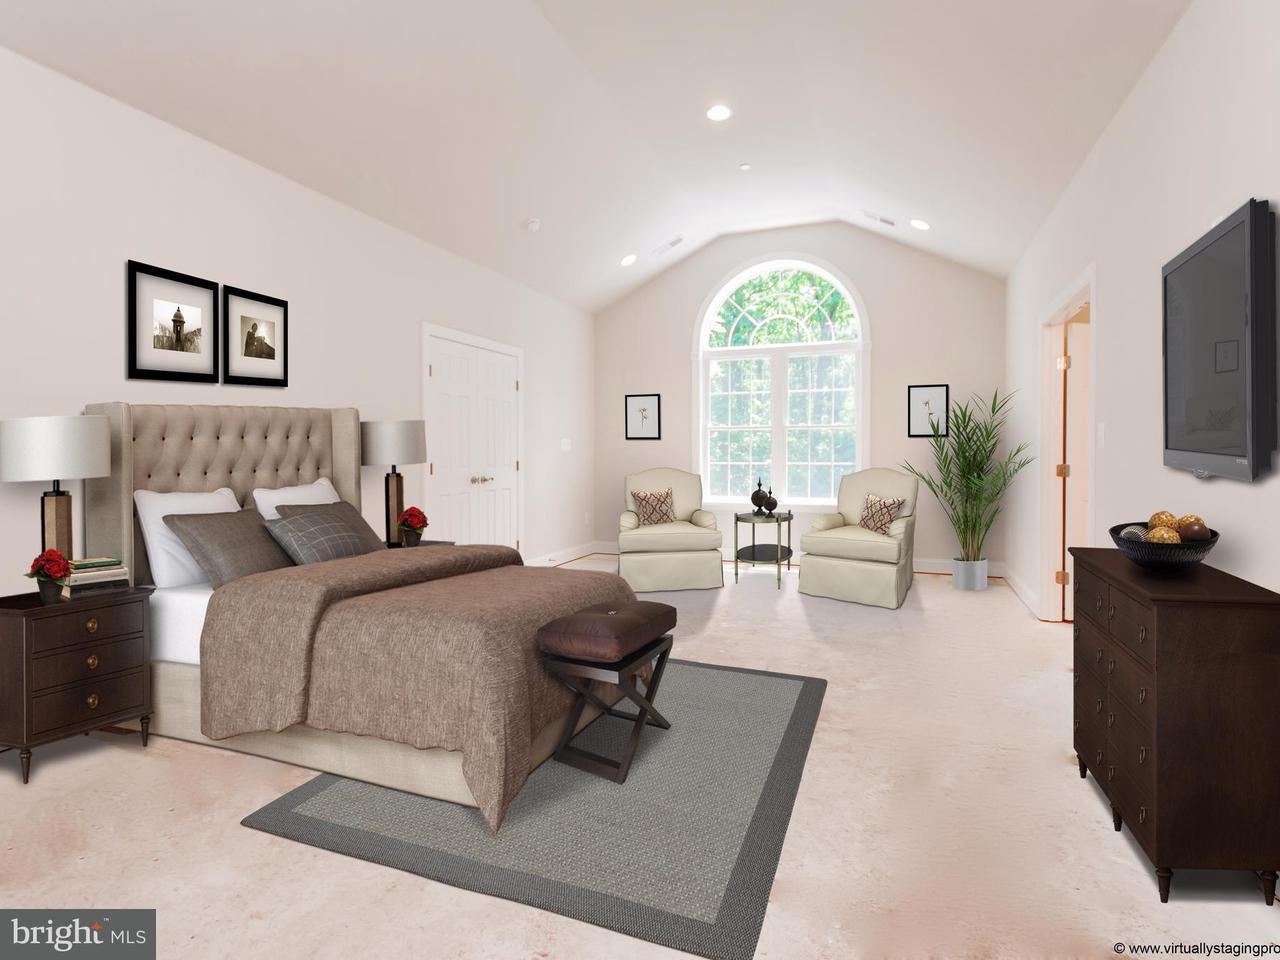 独户住宅 为 销售 在 2401 TUFTON SPRINGS Lane 2401 TUFTON SPRINGS Lane Reisterstown, 马里兰州 21136 美国